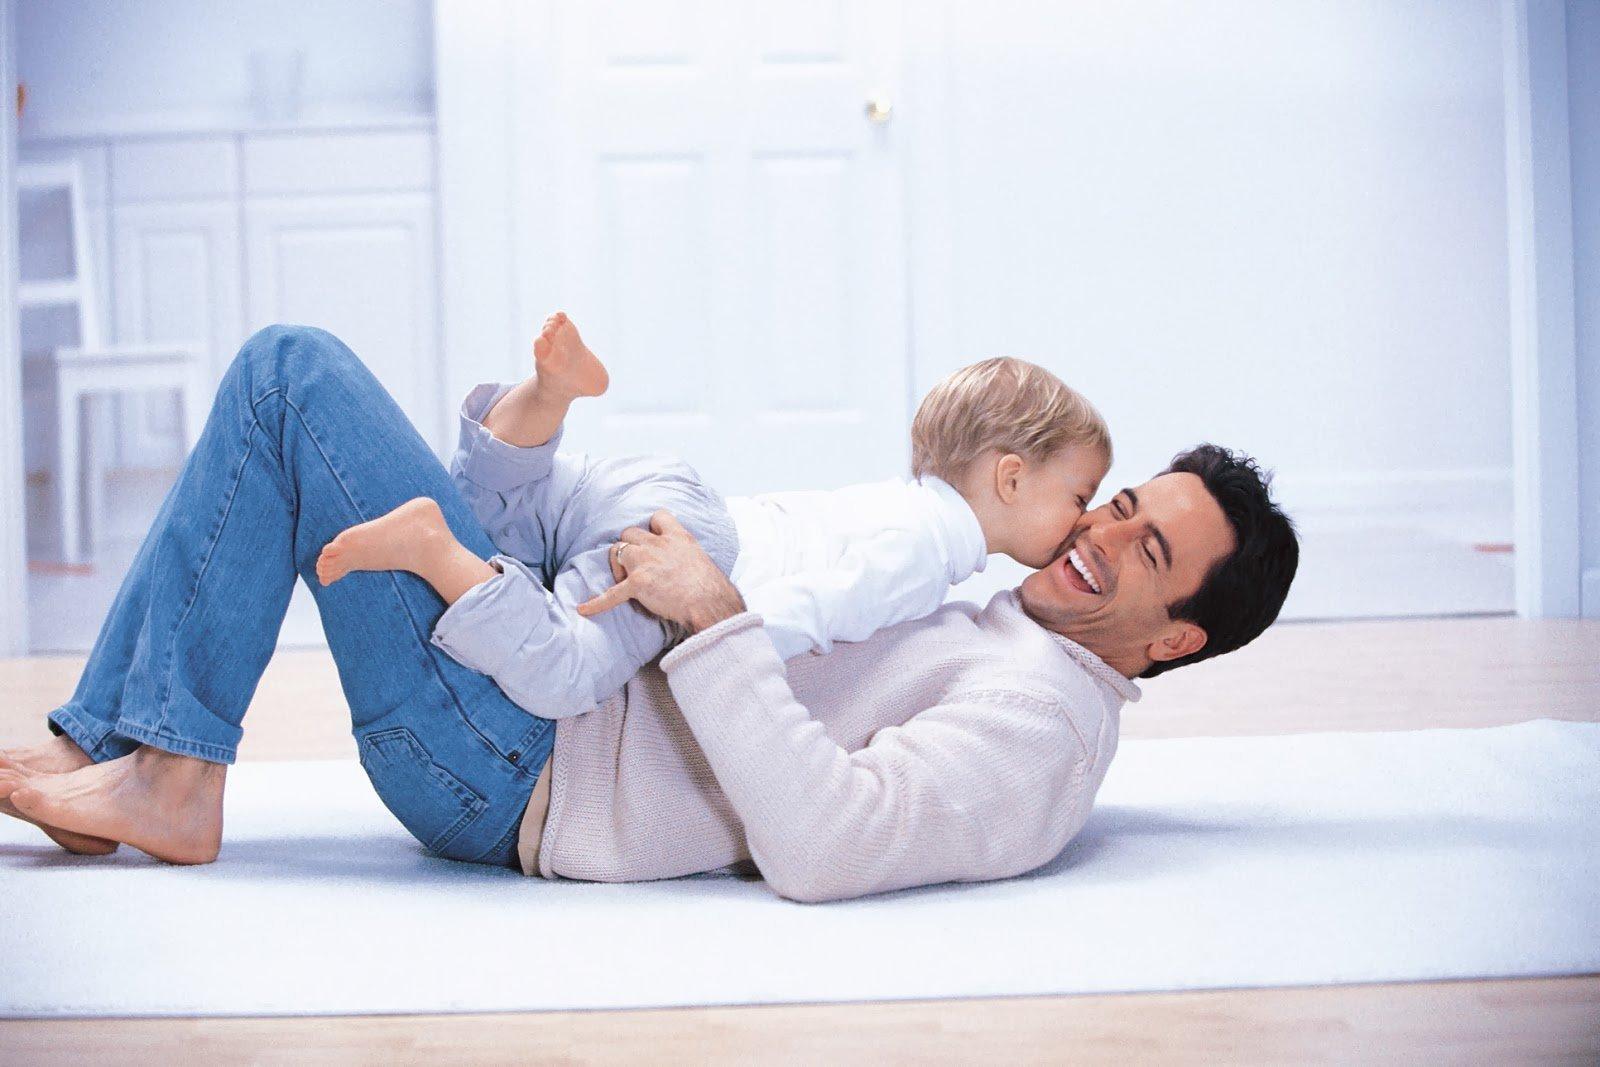 функциональности такое важно ли чтобы был отец у парень пролена полипропилена лучше